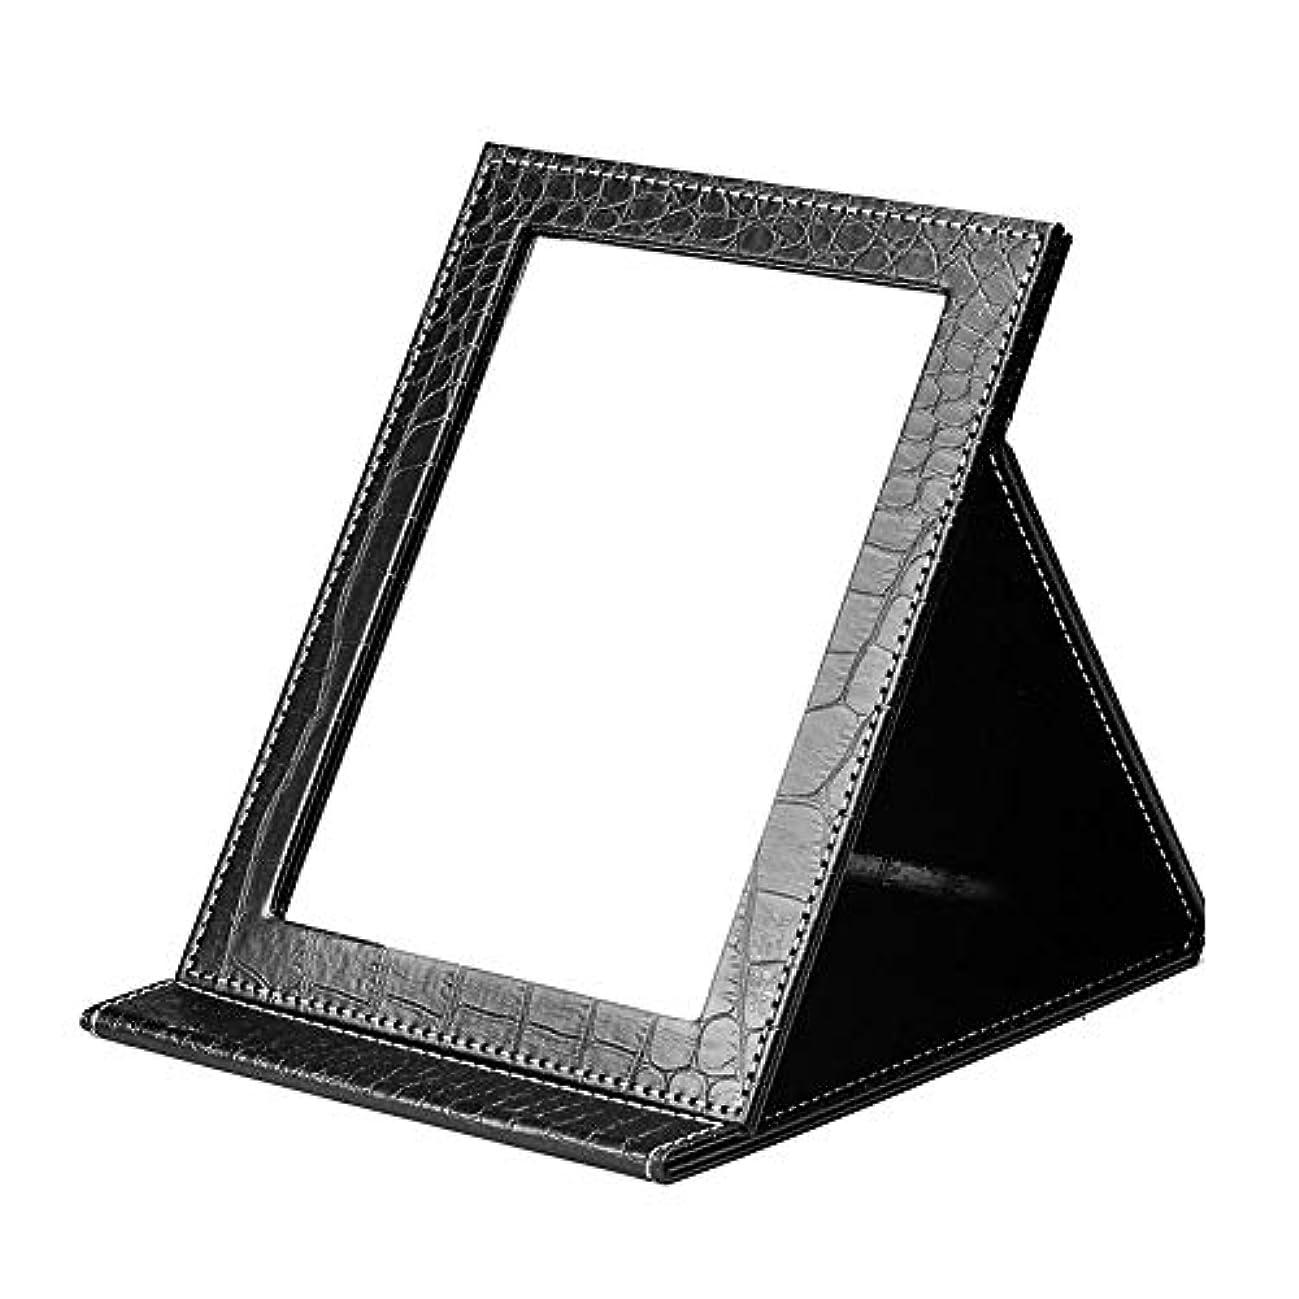 正義遮るデクリメントYWSHF 化粧鏡 卓上 折りたたみ式 角度調整可能 持ち運び便利 収納 旅行 女優 スタンドミラー